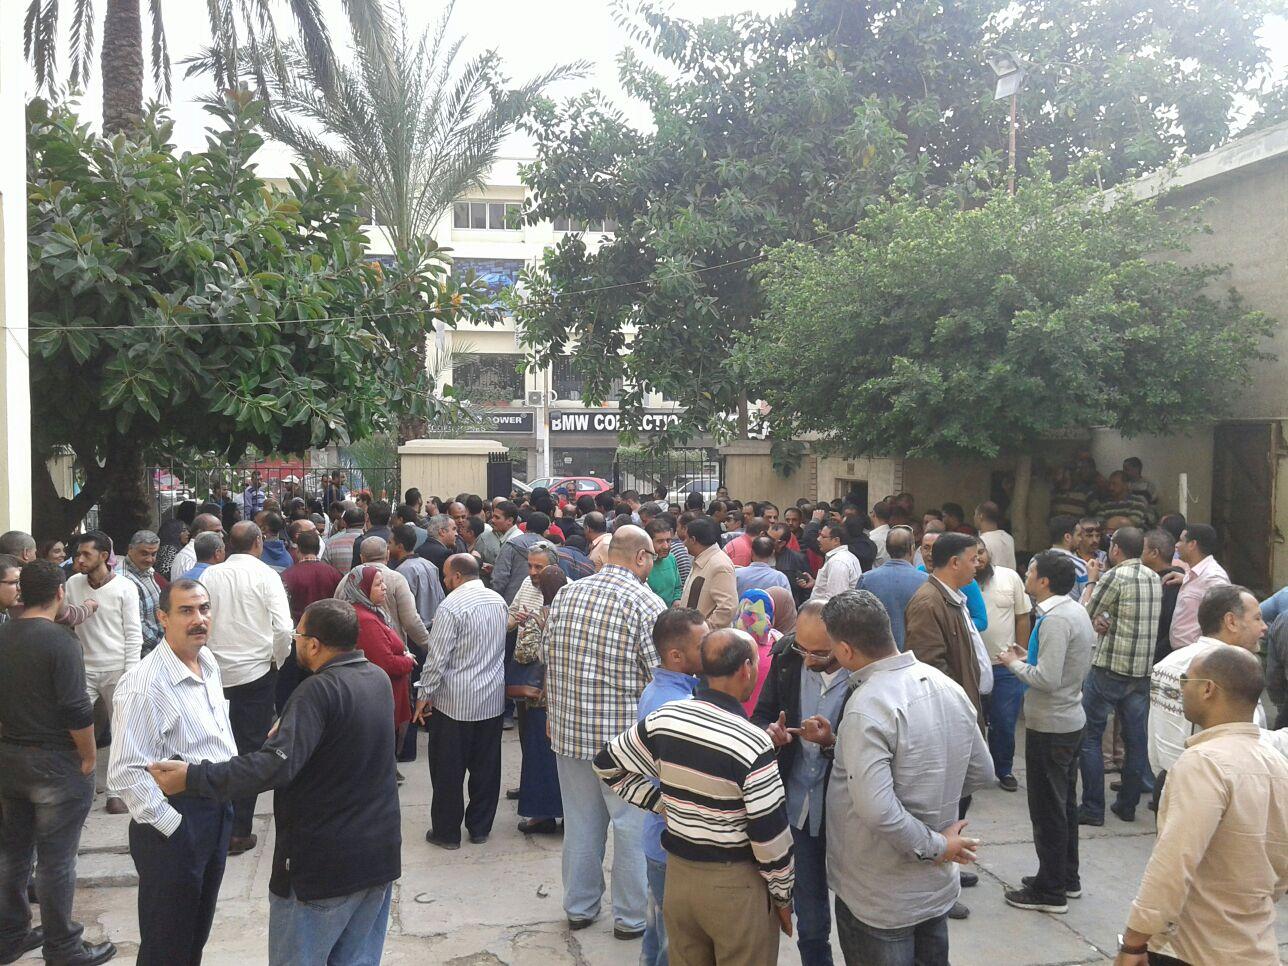 وقفة العاملين في «اختبارات القطن» بالإسكندرية لإقالة مجلس إدارتها